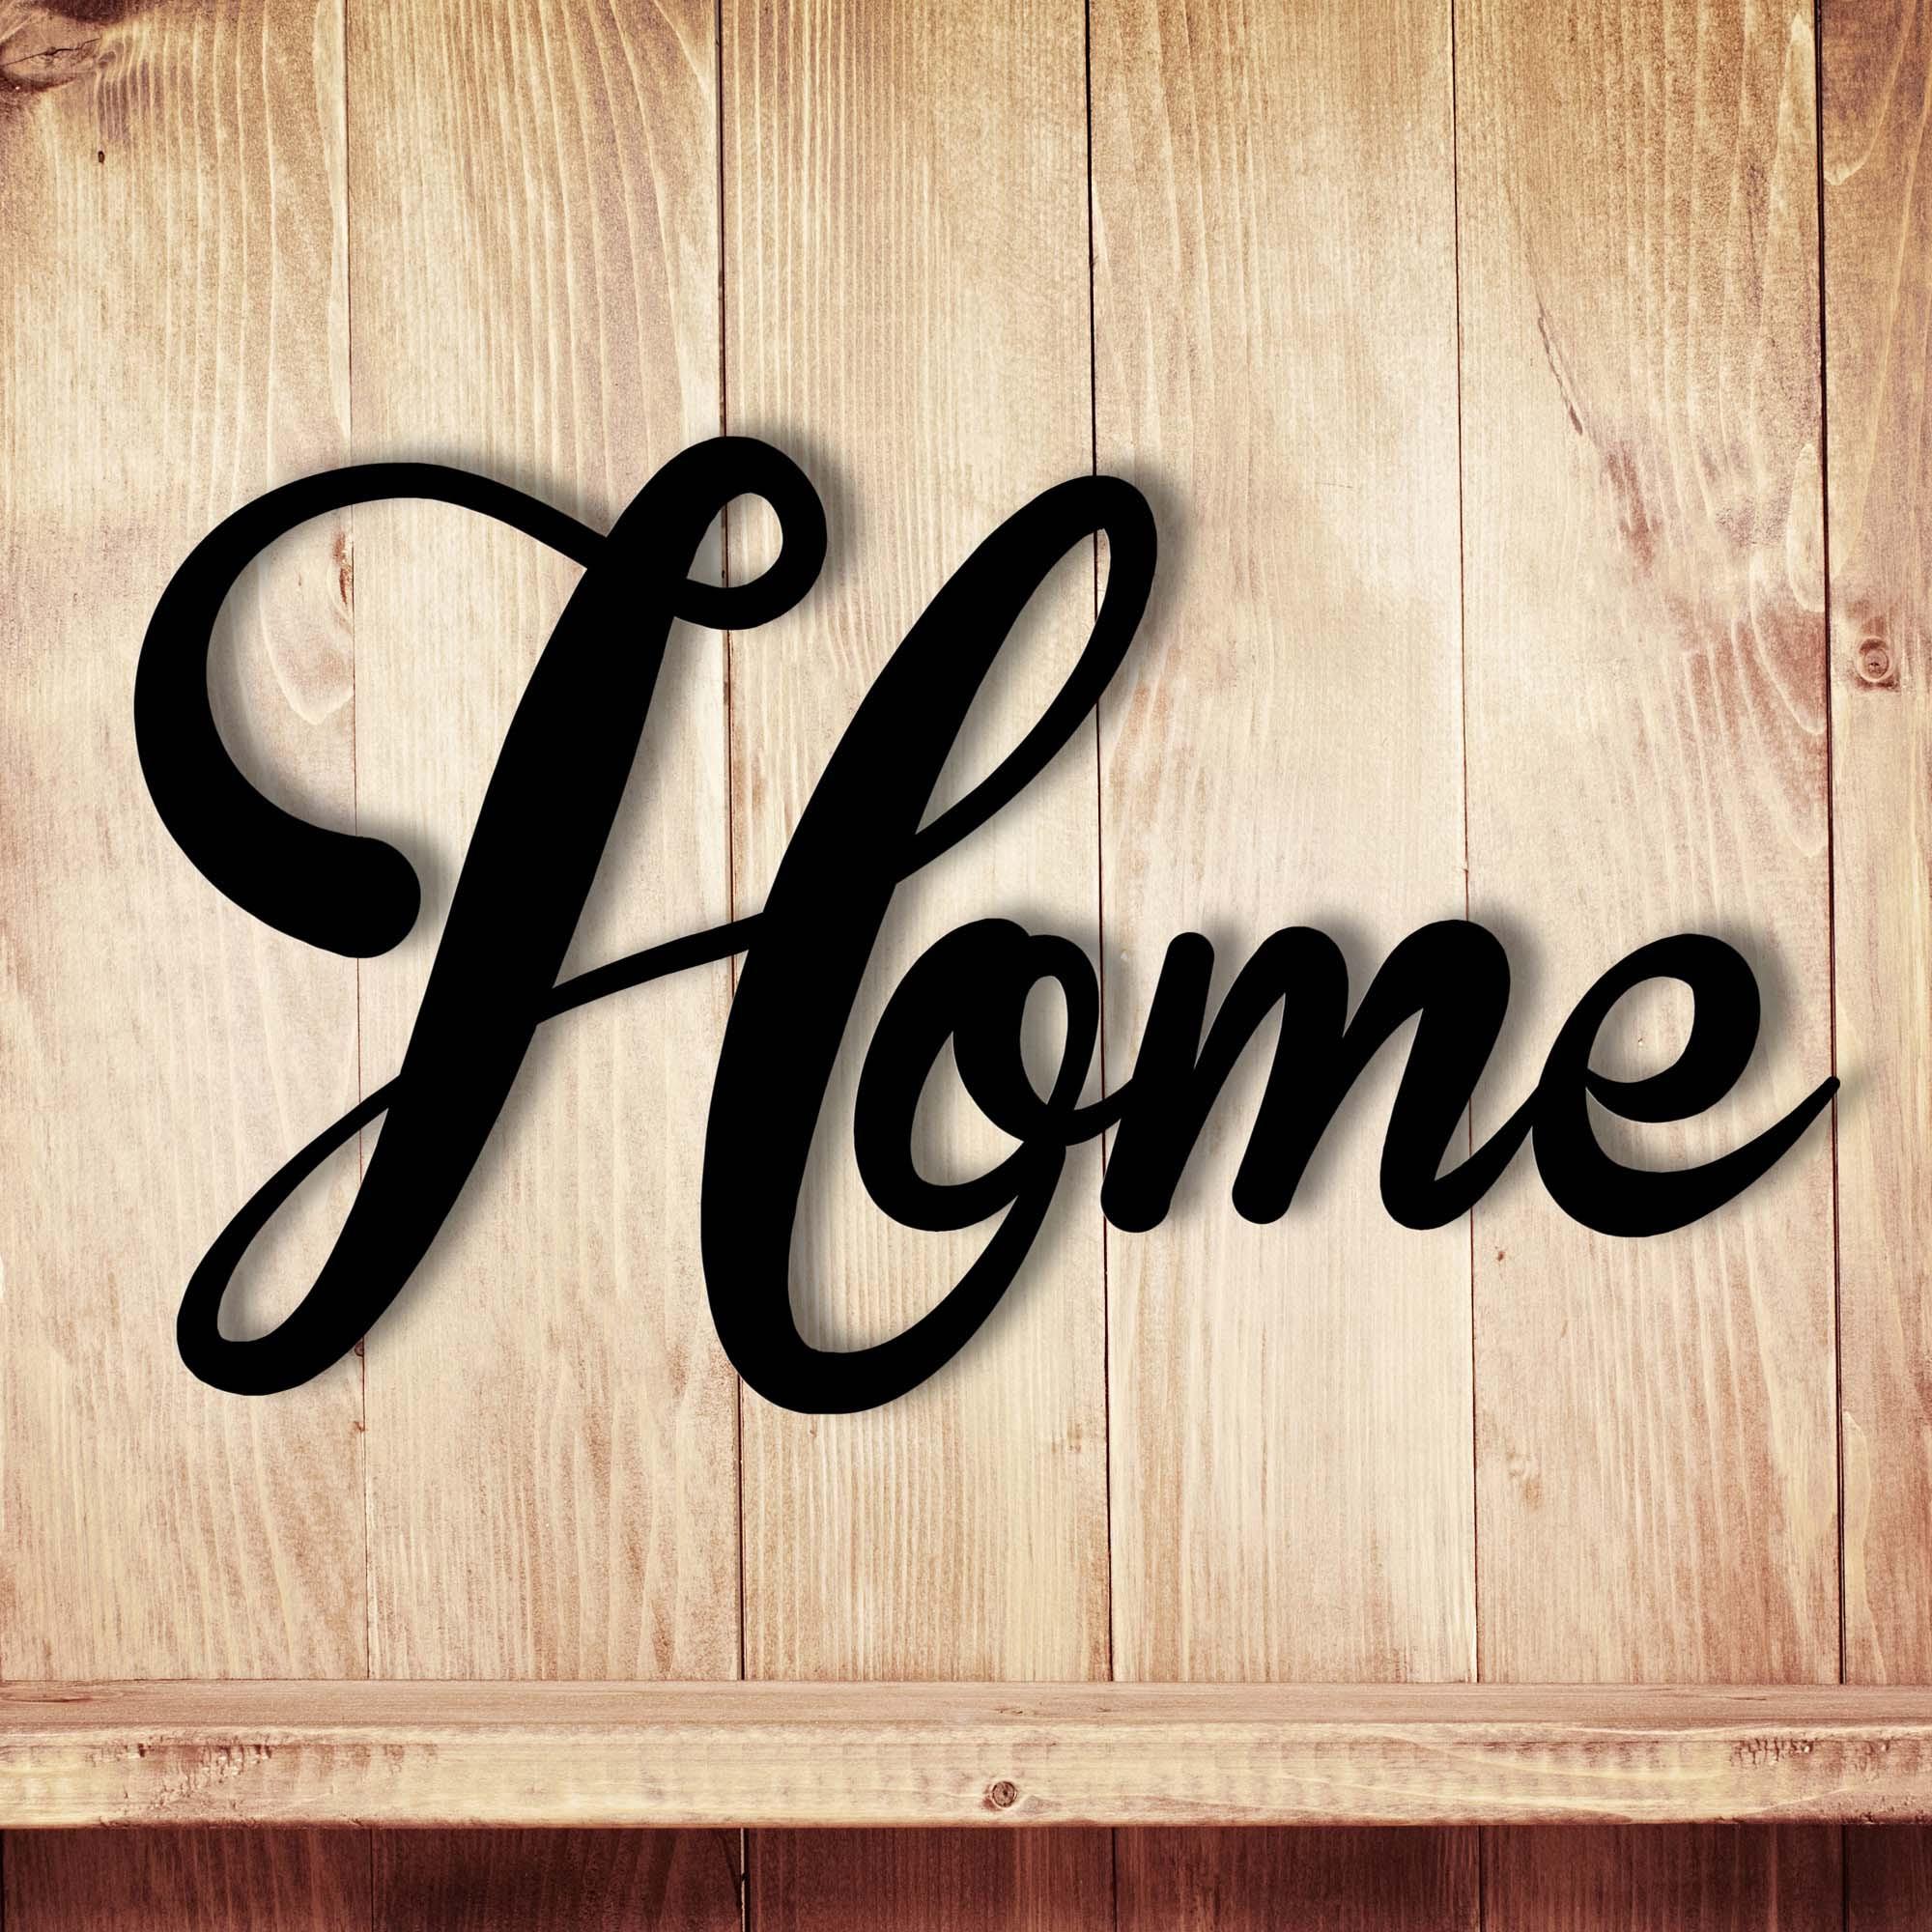 Full Size of Wanddeko Dekoration Holz Holzschriftzug Schriftzug Home Zu Hause Betten Aus Garten Holzhaus Holzregal Küche Regal Schlafzimmer Komplett Massivholz Fliesen In Wohnzimmer Wanddeko Holz